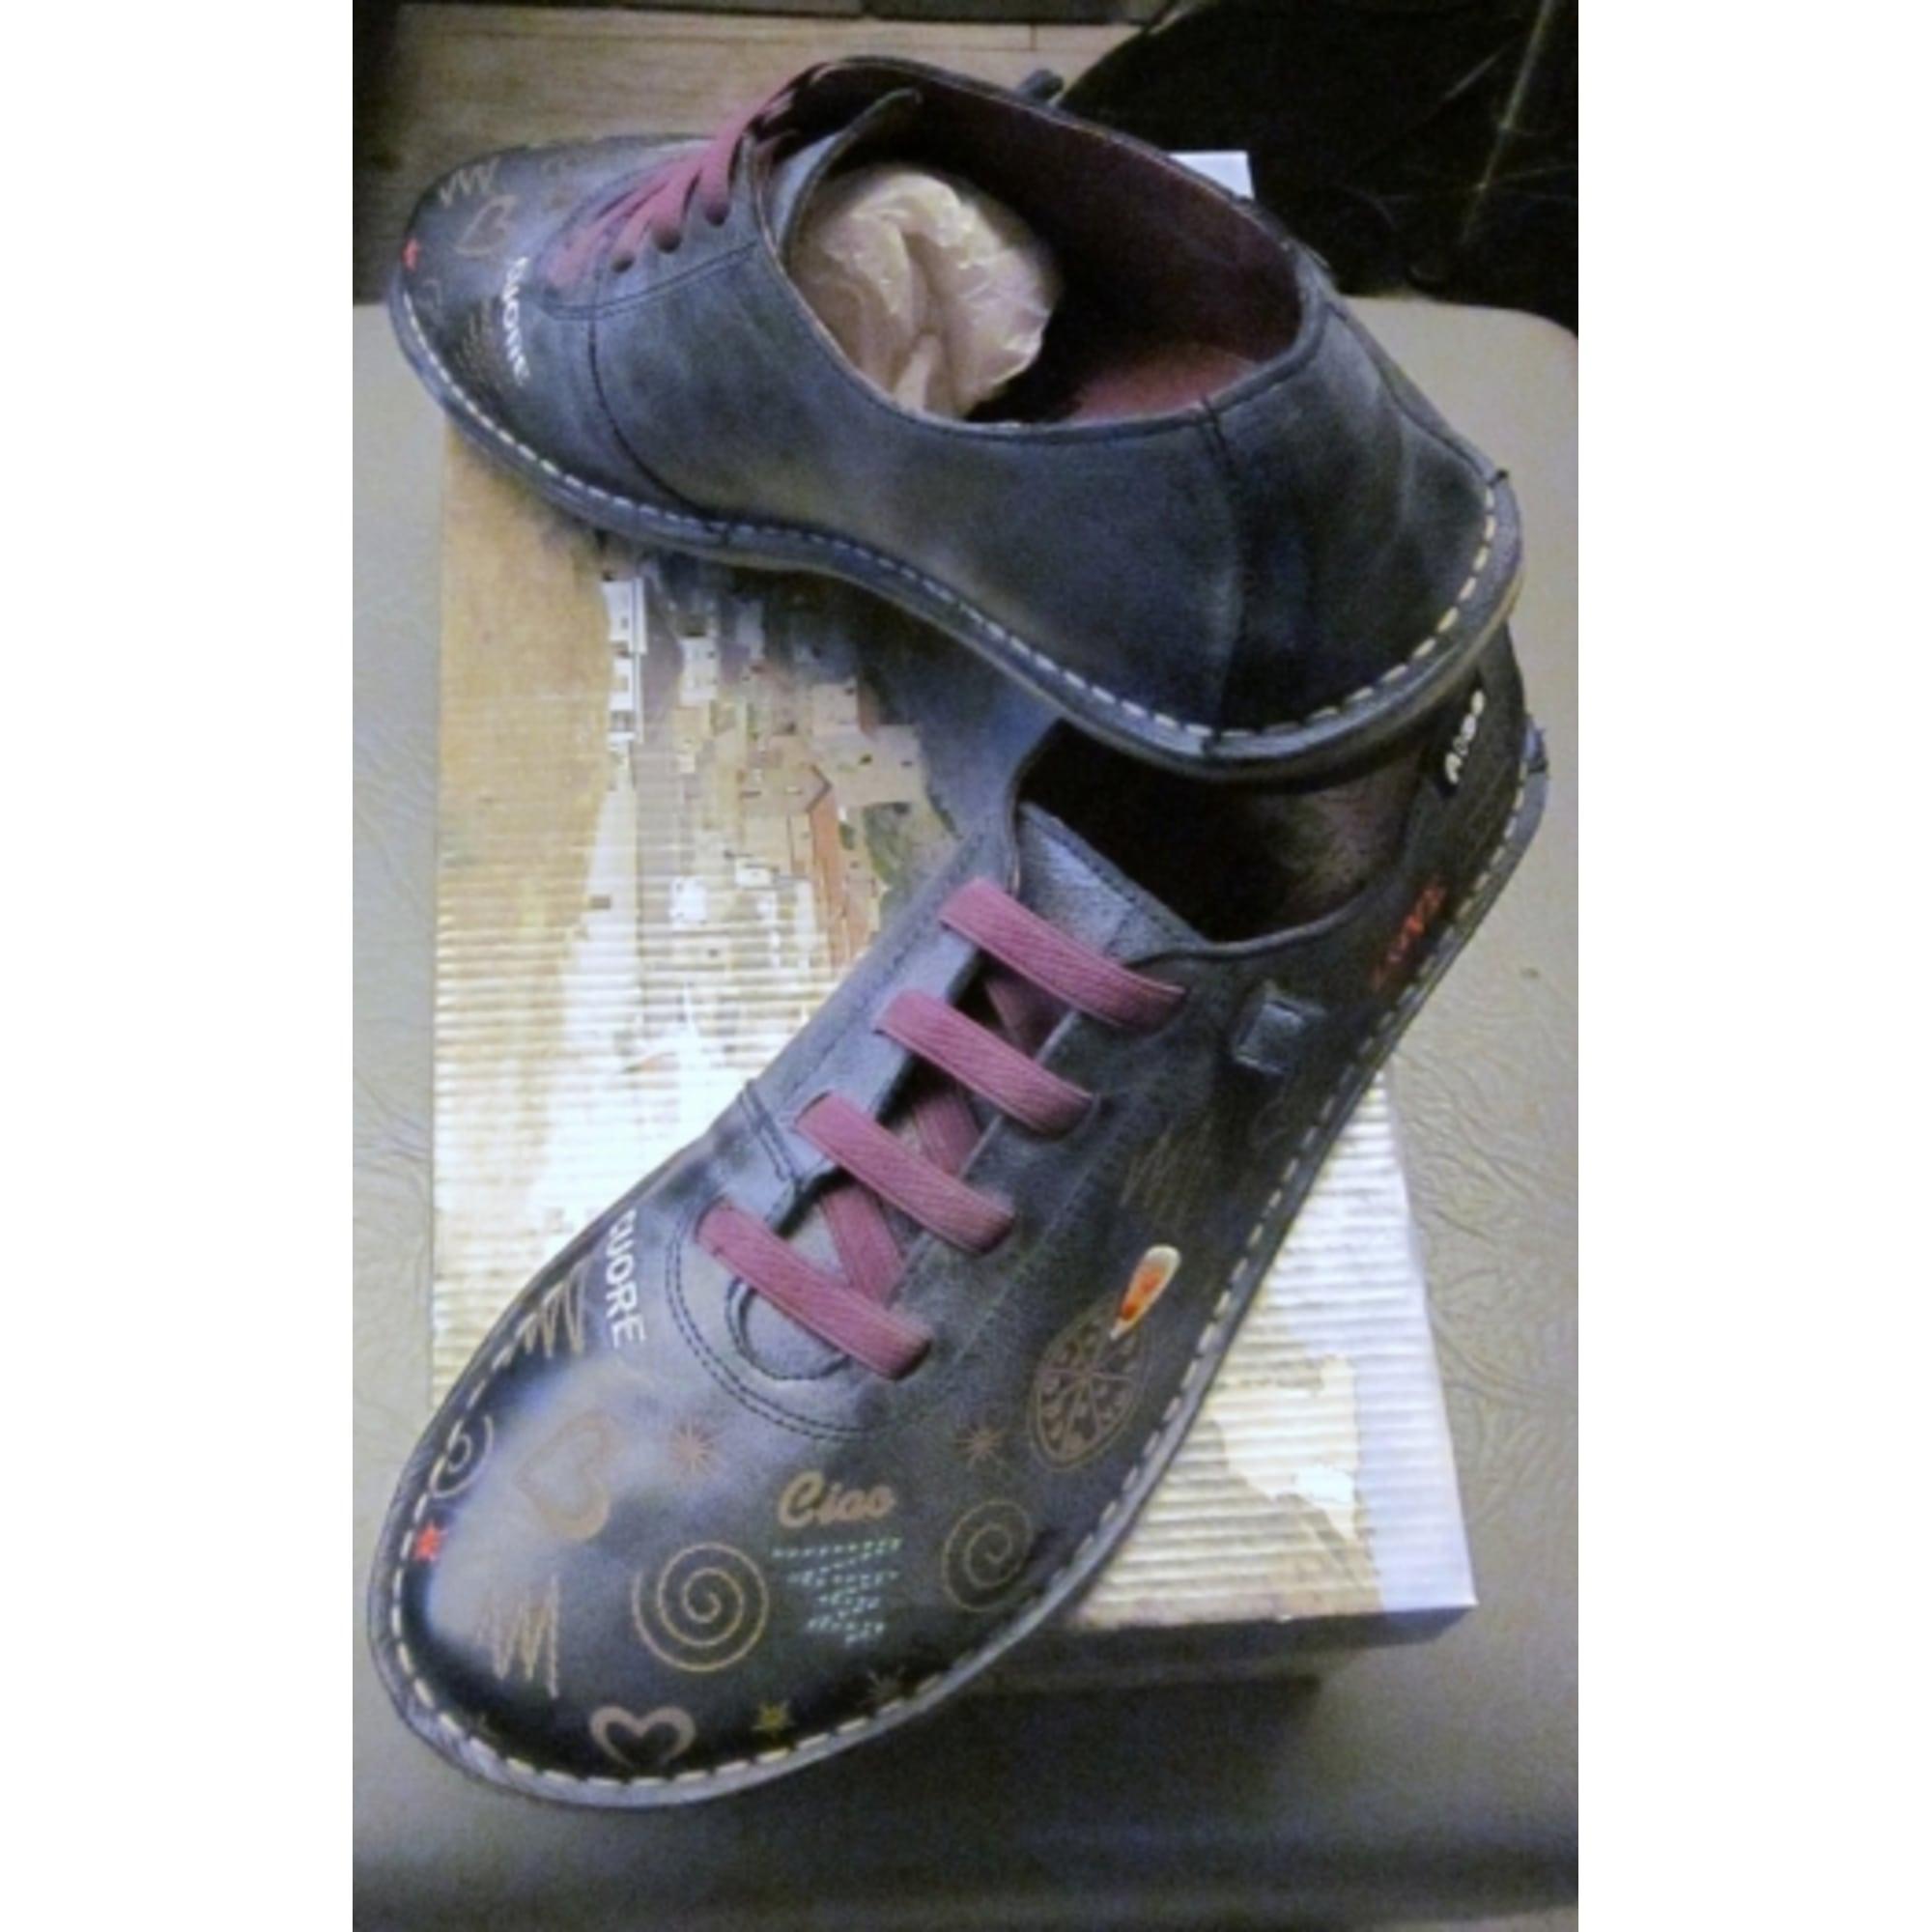 Chaussures à lacets ALCE cuir violet 35 Soj0YY